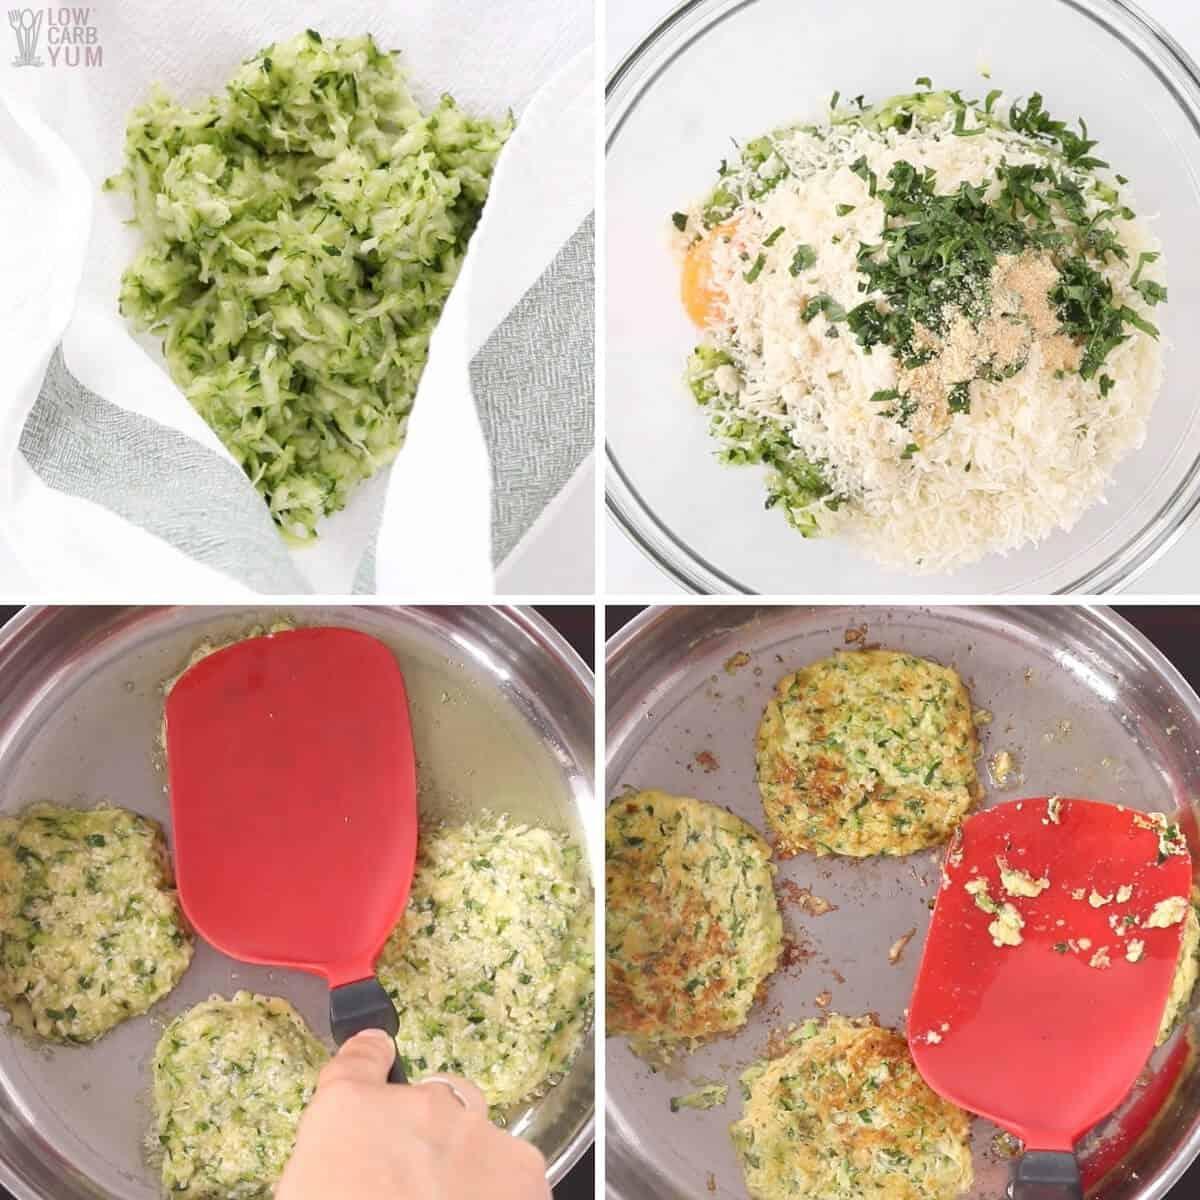 zucchini fritter recipe steps